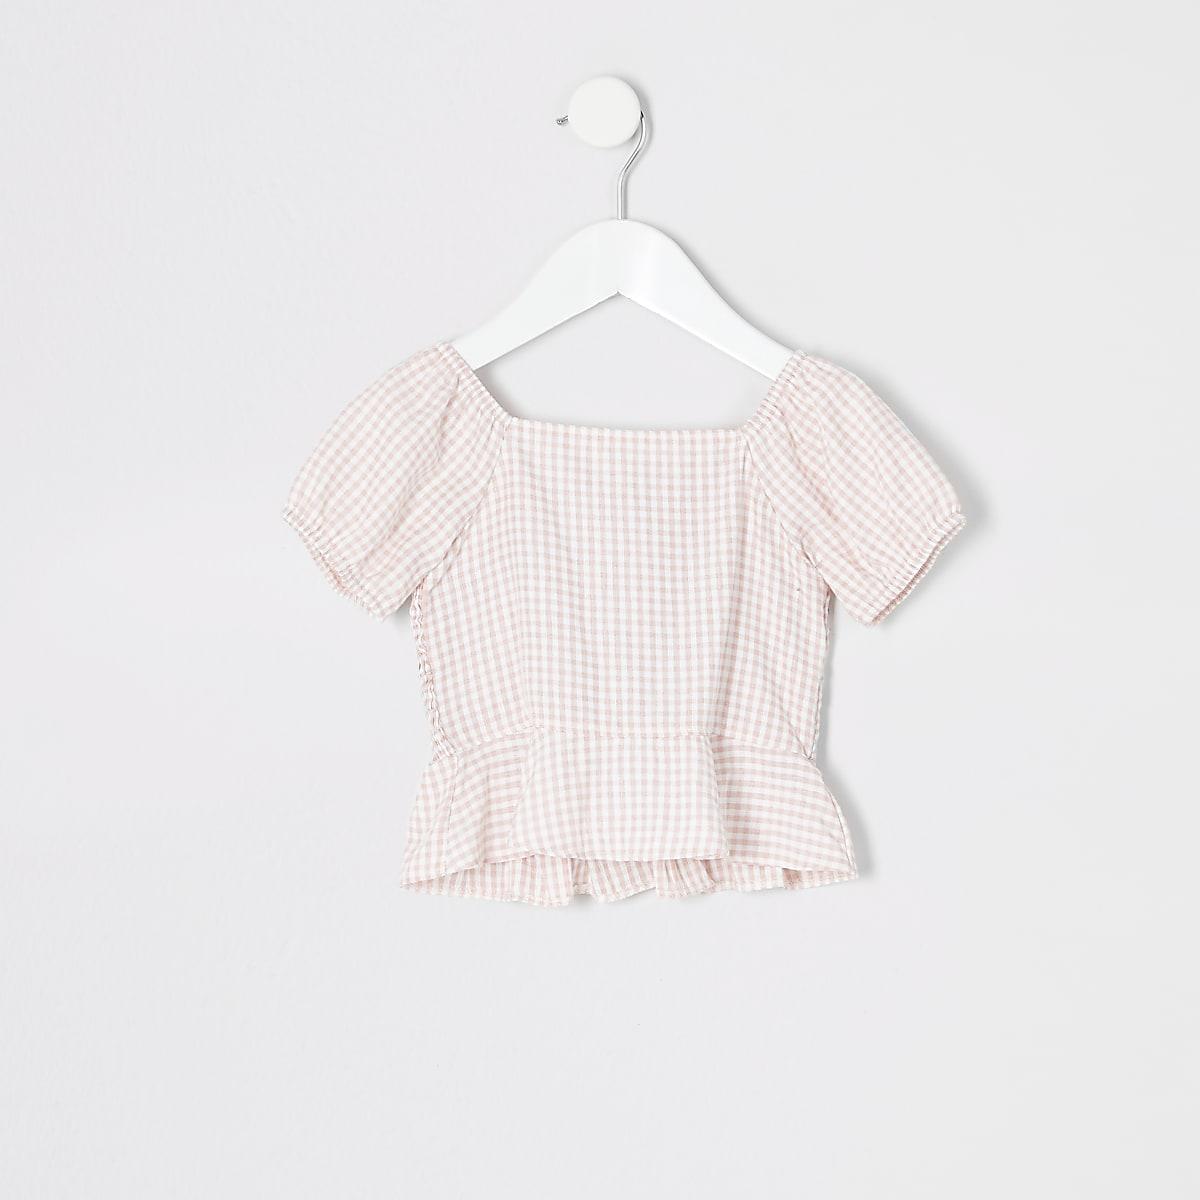 Mini - Roze gesmokte top met gingham-ruit voor meisjes